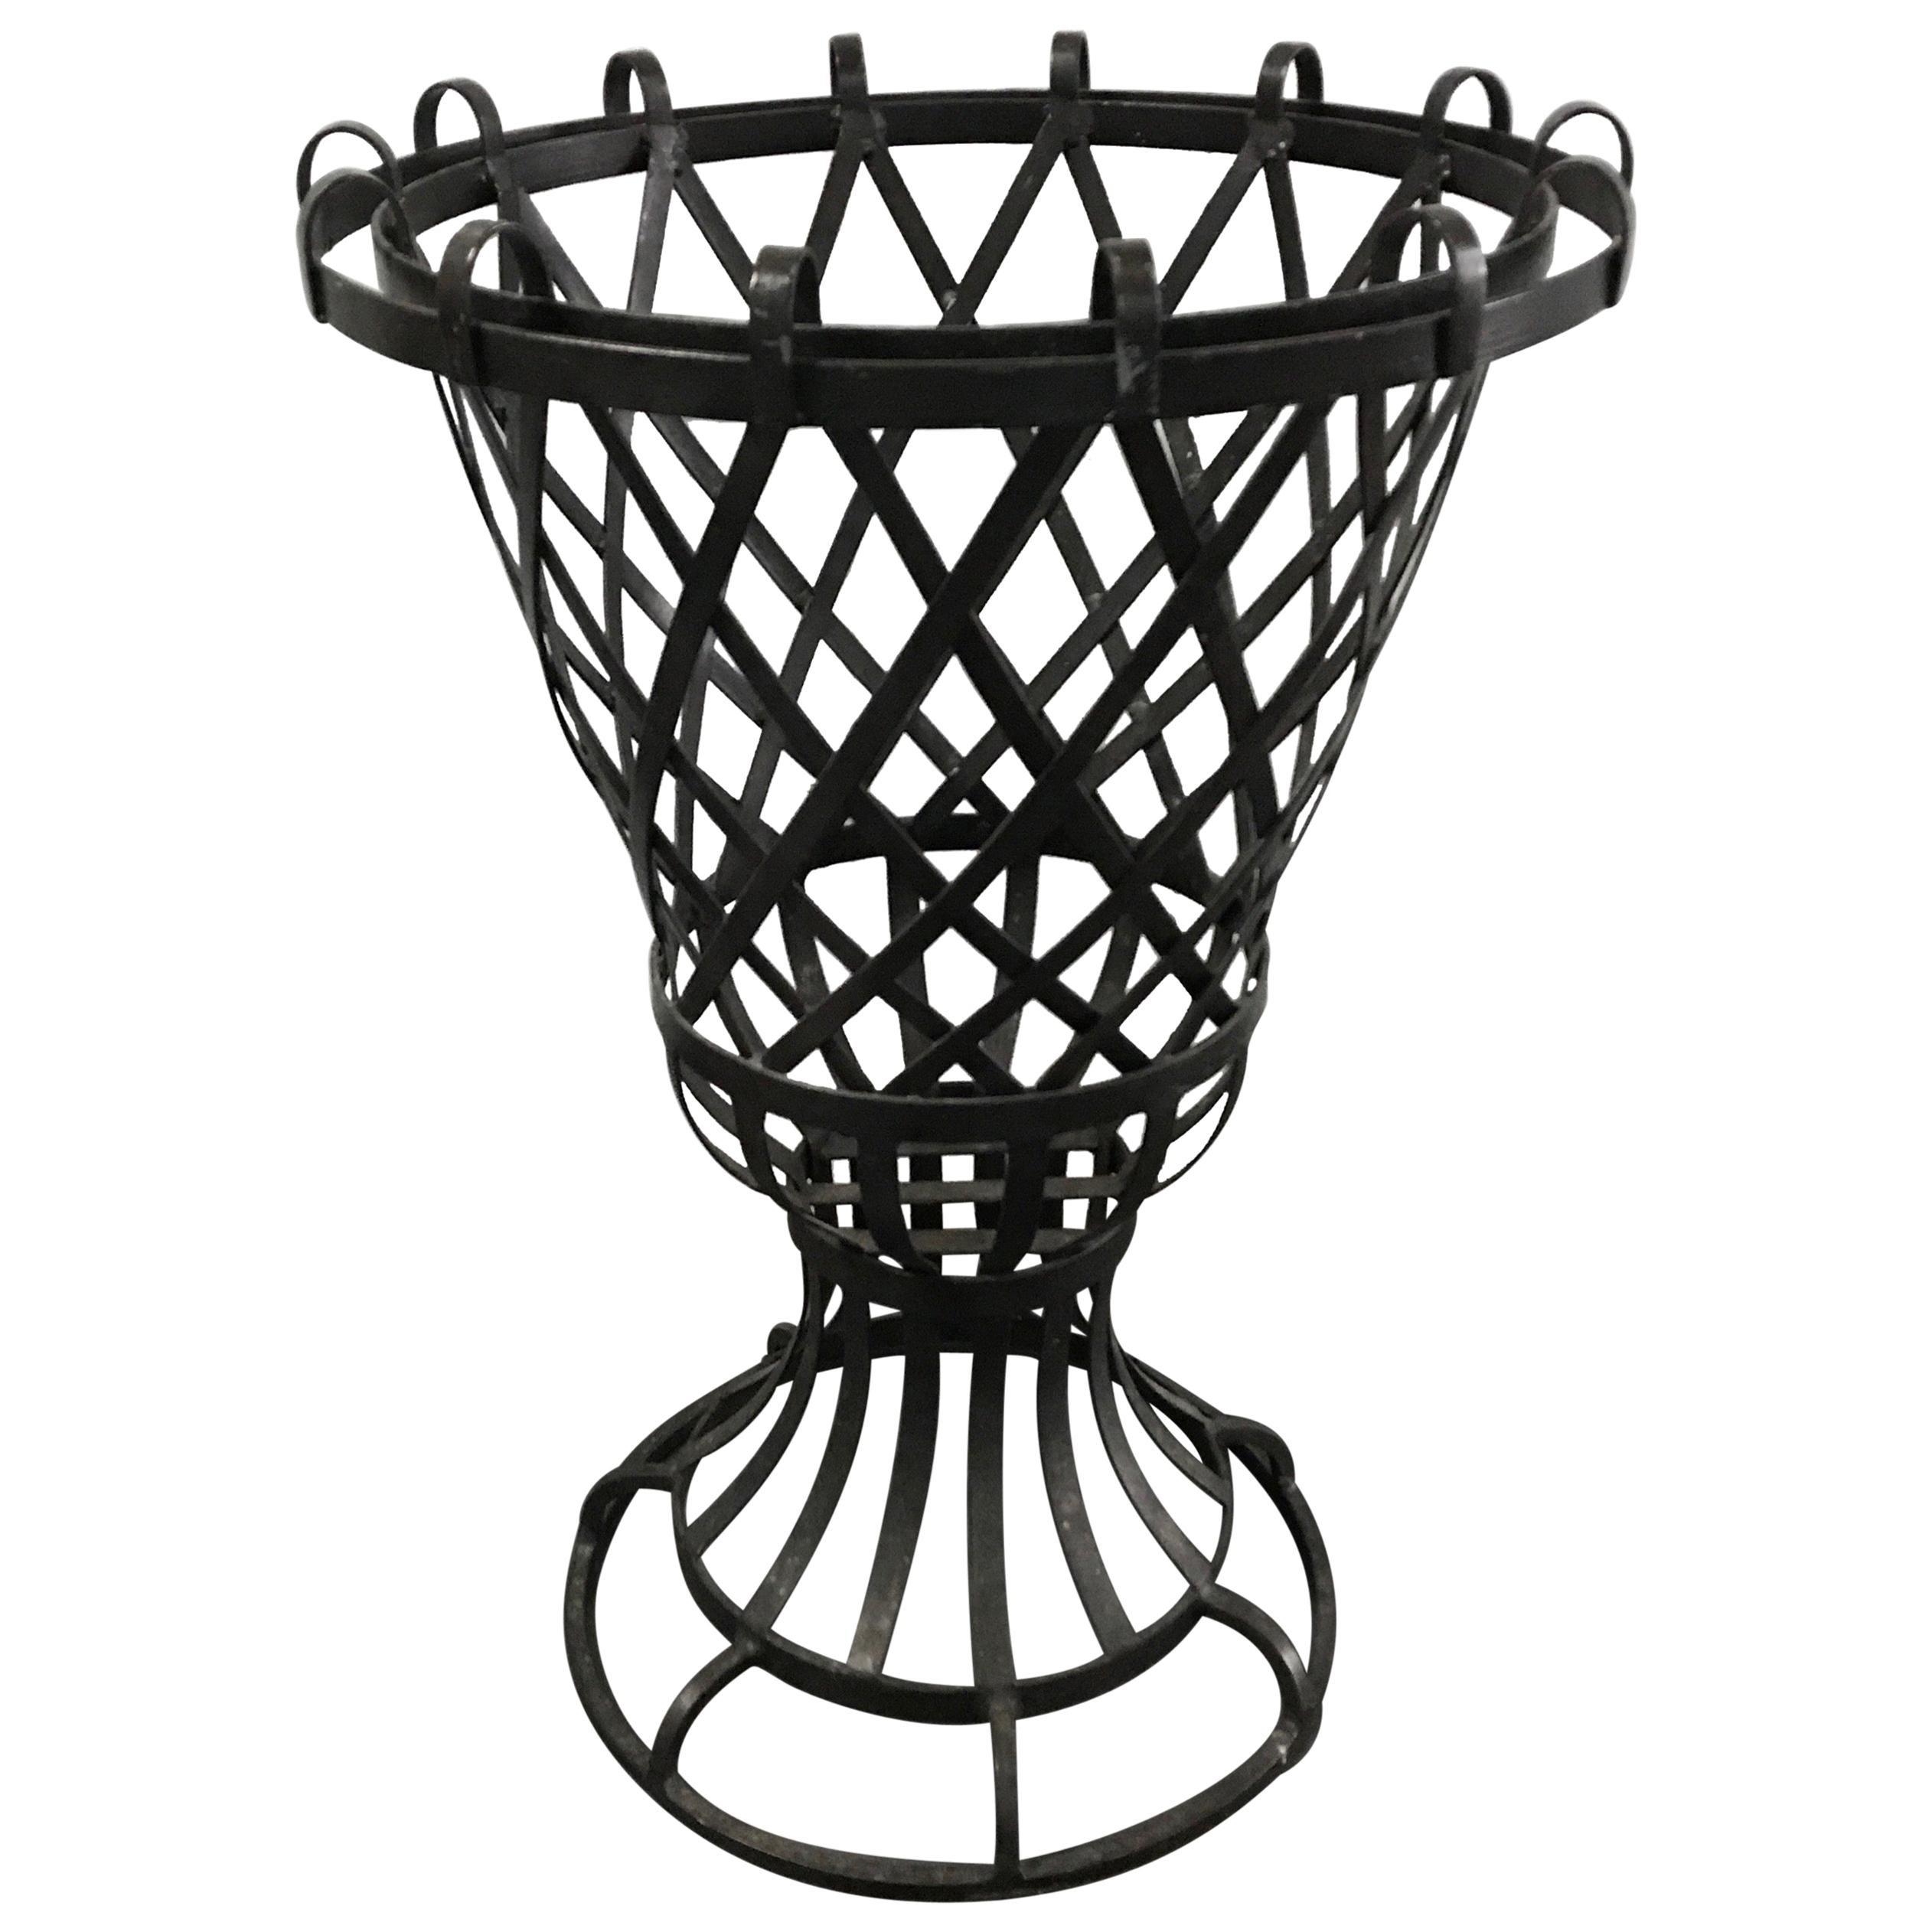 Vintage French Lattice Iron Garden Urn